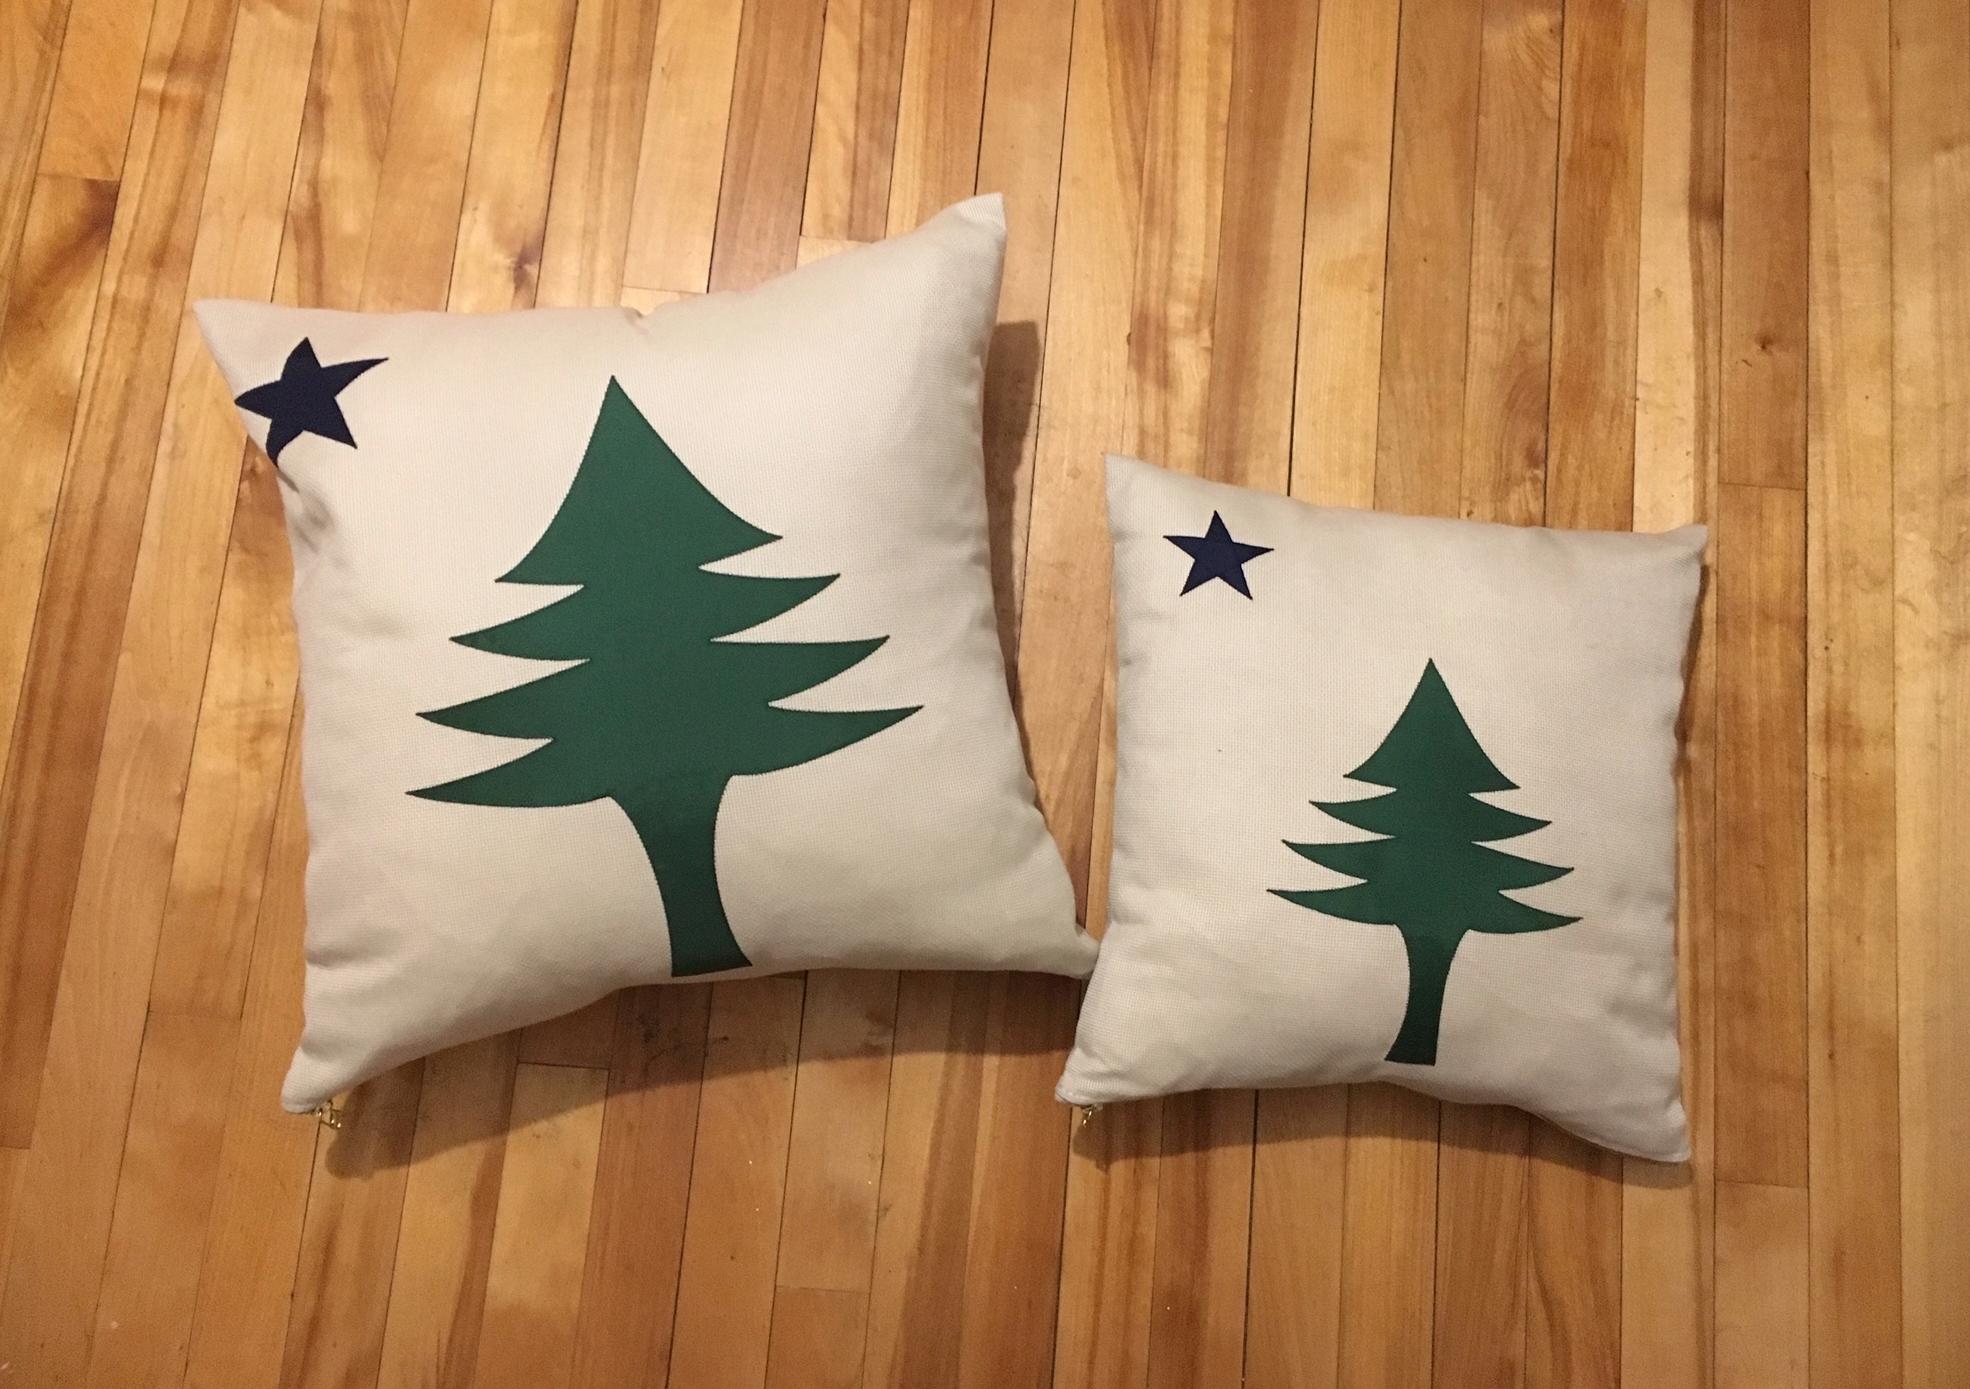 Original Maine Flag Throw Pillow Original Maine Hats Shirts Stickers And More Featuring The Original 1901 Maine Flag